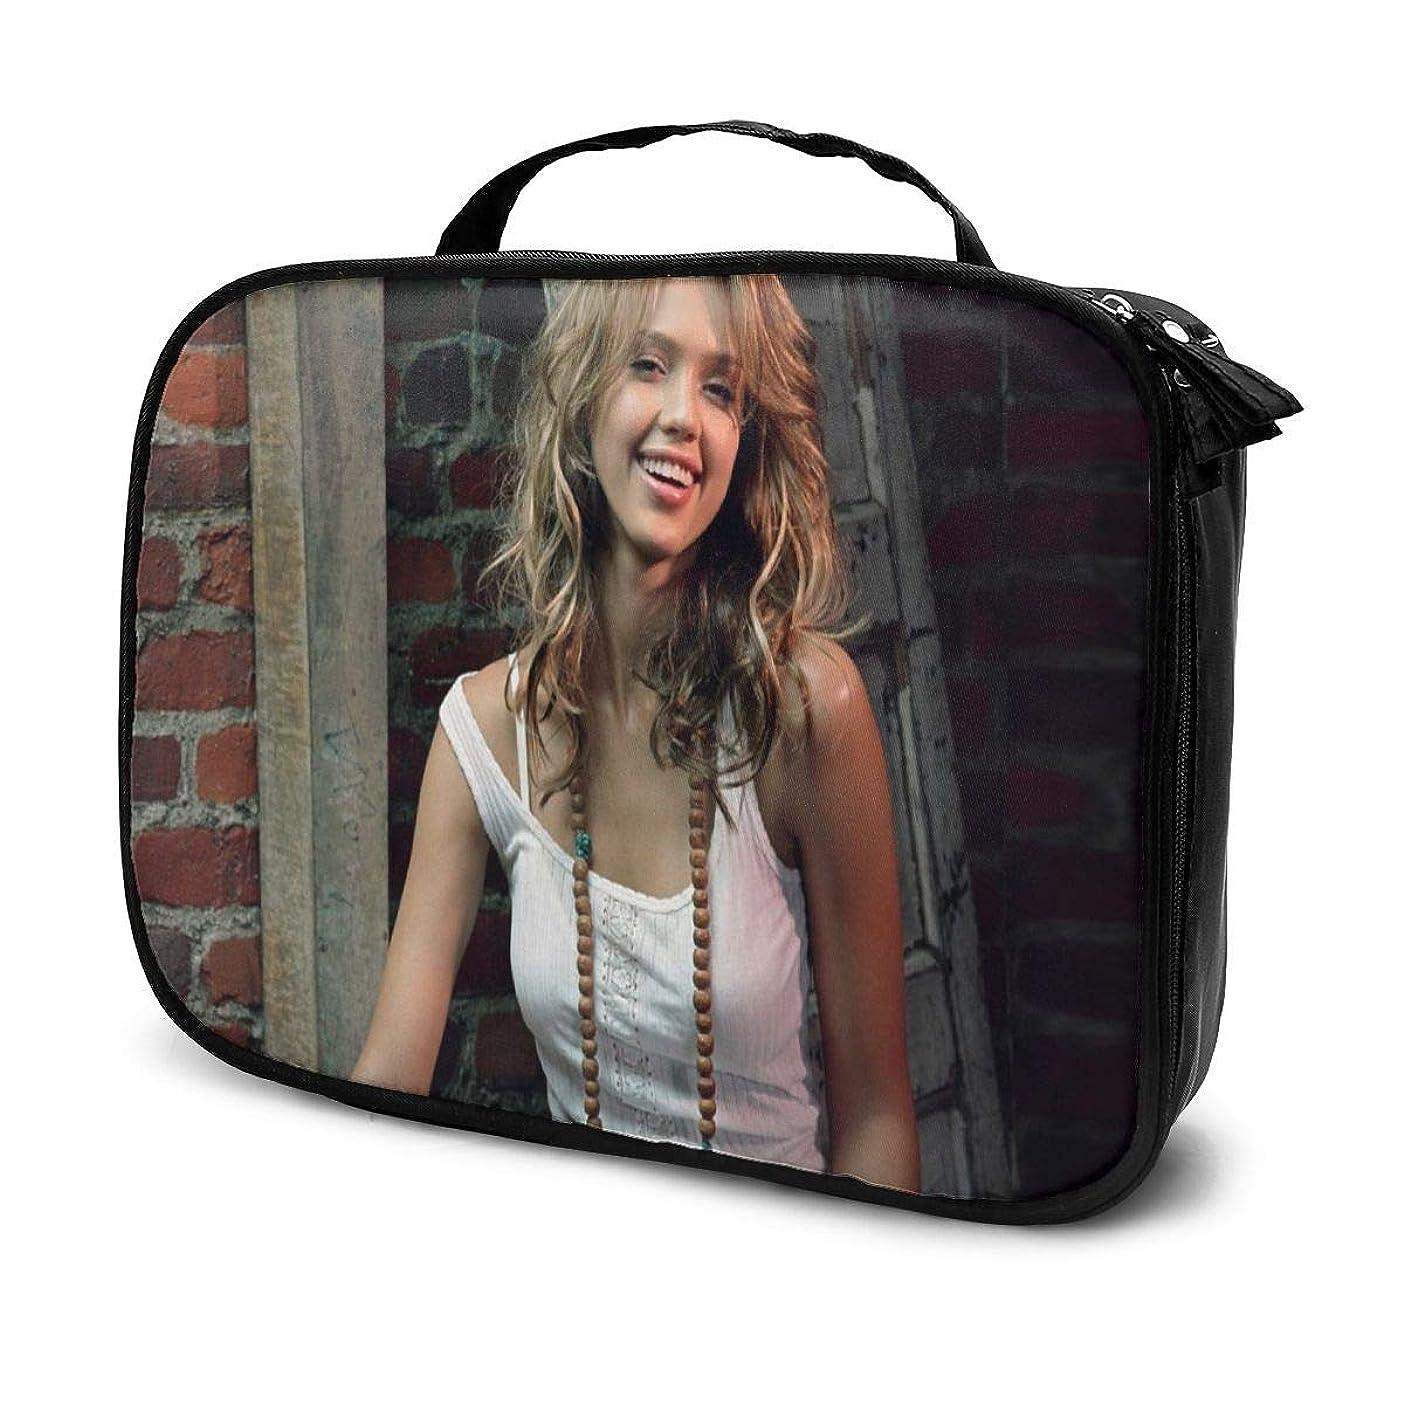 スクラッチに向かってスイス人化粧ポーチ 俳優Jessica Alba 女性化粧品バッグ ビューティー メイク道具 フェイスケアツール 化粧ポーチメイクボックス ホーム、旅行、ショッピング、ショッピング